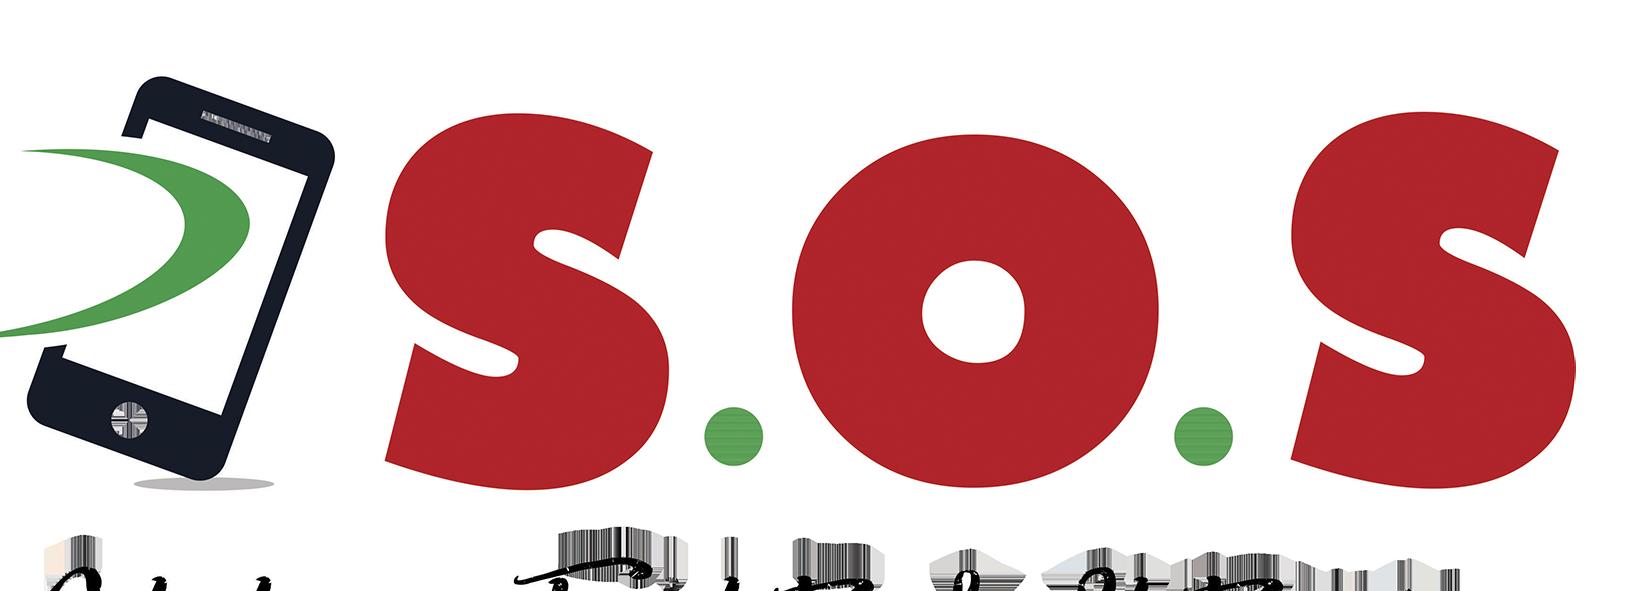 Blog - SOS Celular | Troca de tela, conserto e mais!